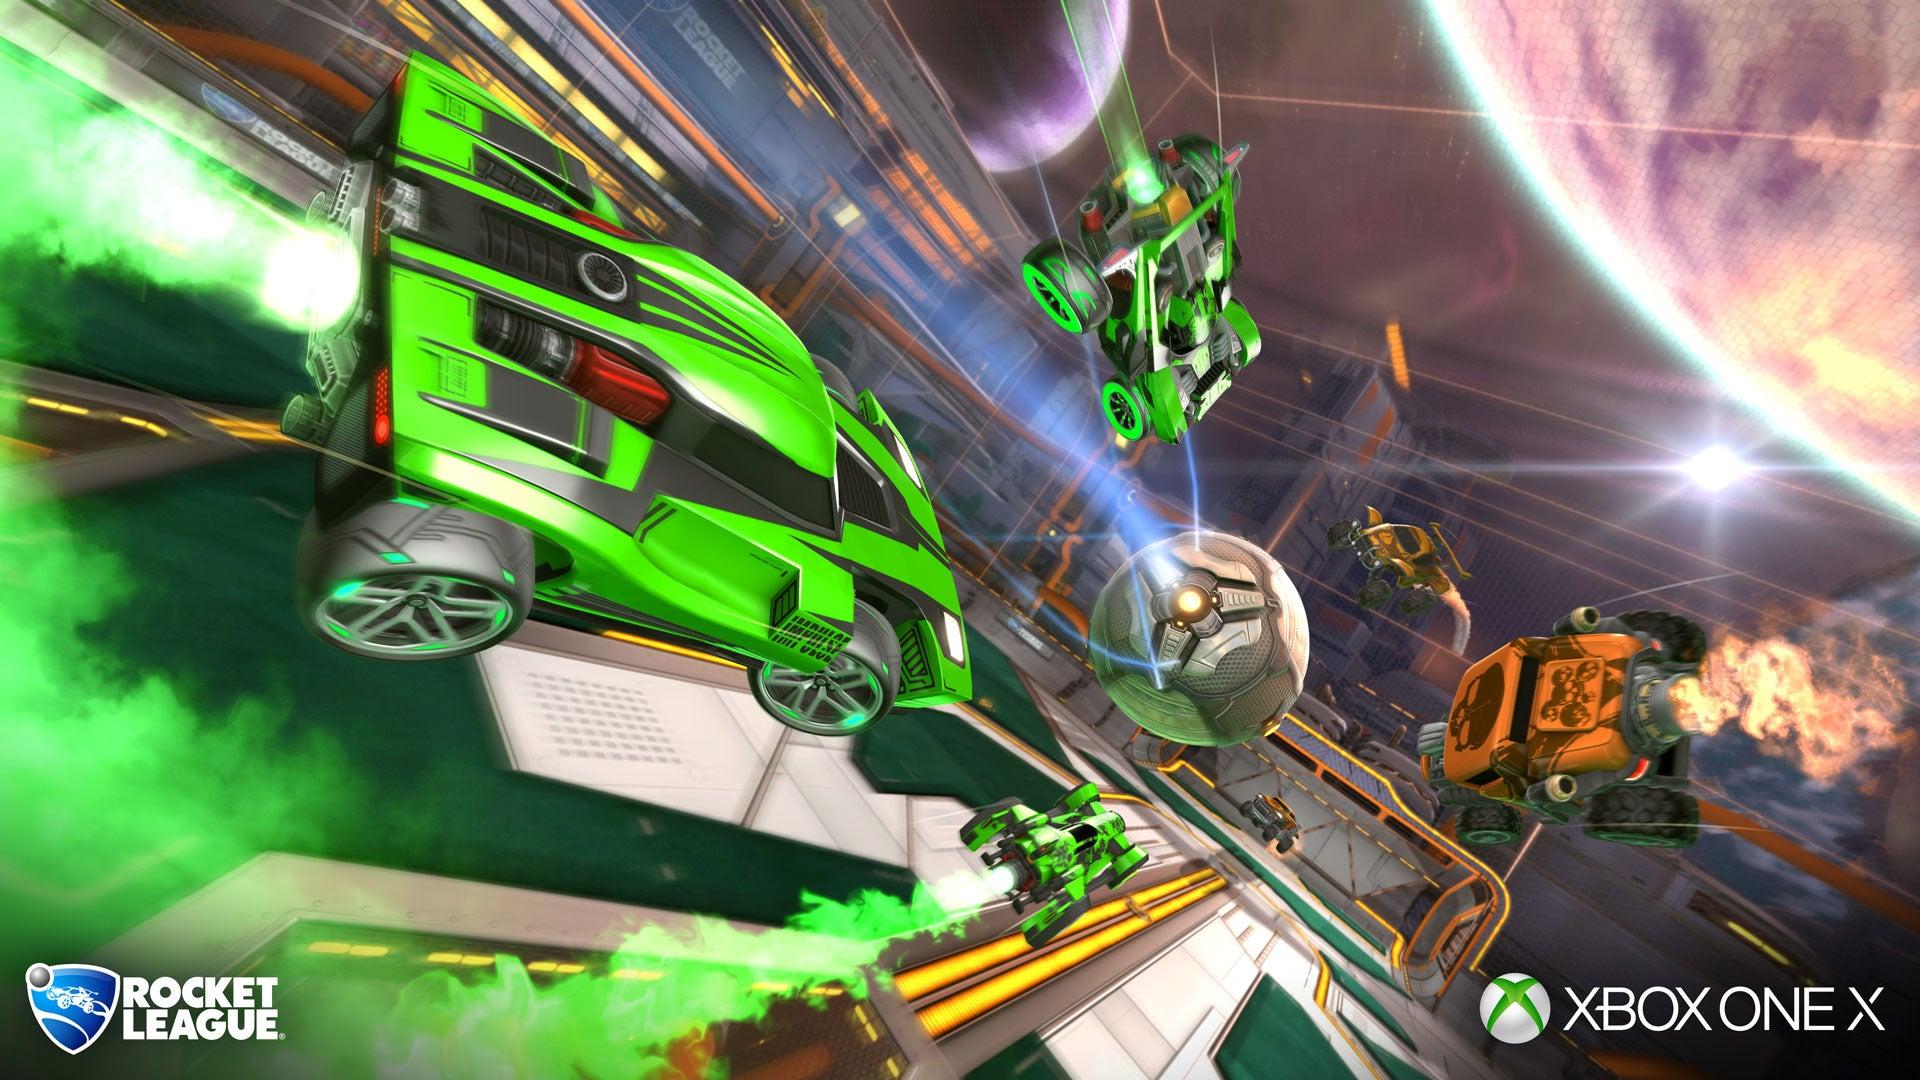 Rocket League Recibe Por Fin El Parche De Mejora Para Xbox One X